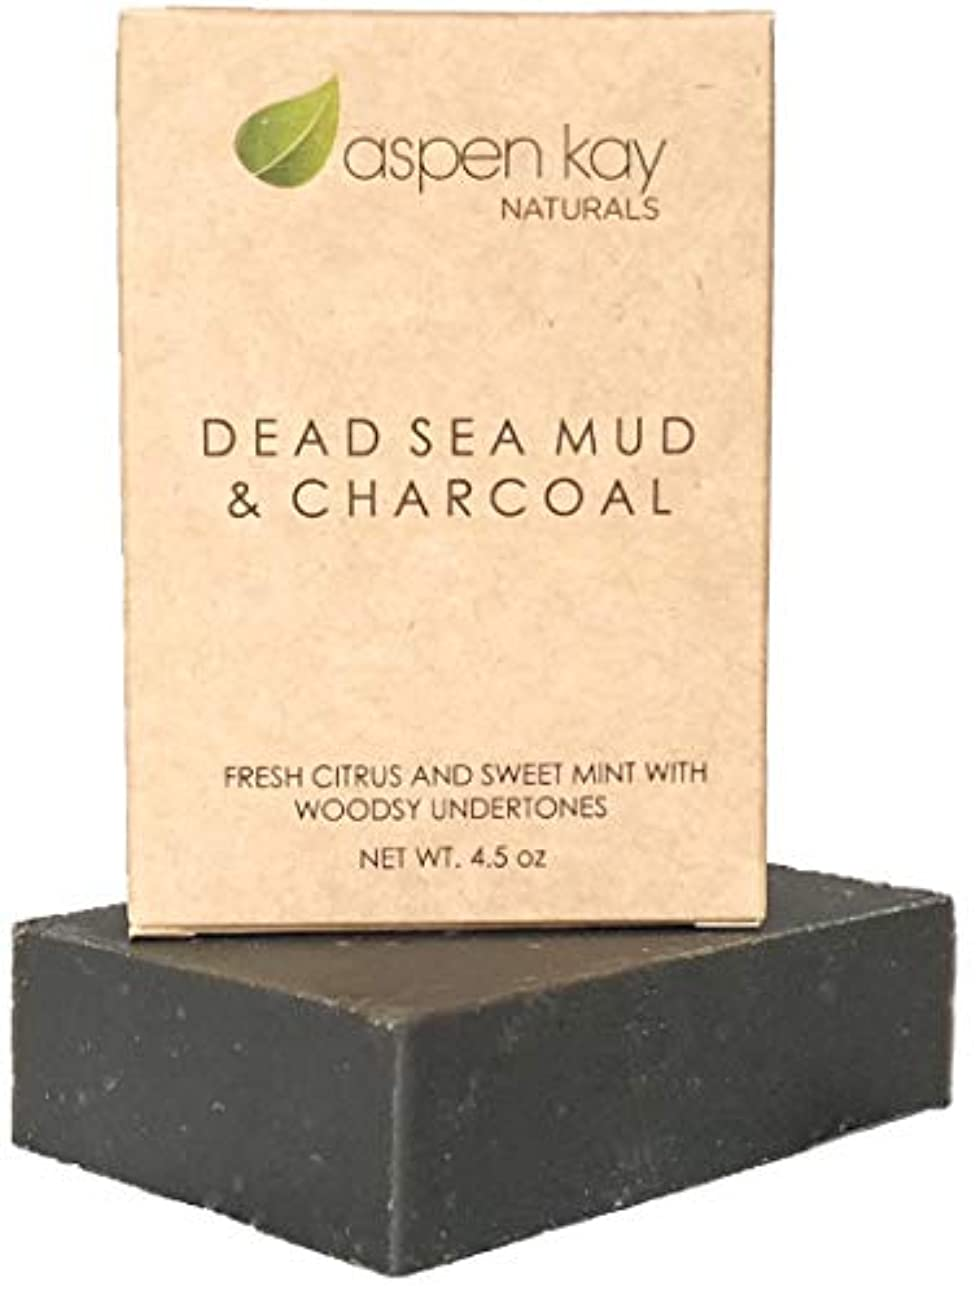 洗顔 石鹸 ボディ フェイス オーガニック ビーガン ソープ シェービング 100%オーガニック&ナチュラルの死海泥石鹸 127g DEAD SEA MUD & CHARCOAL ヴィーガン